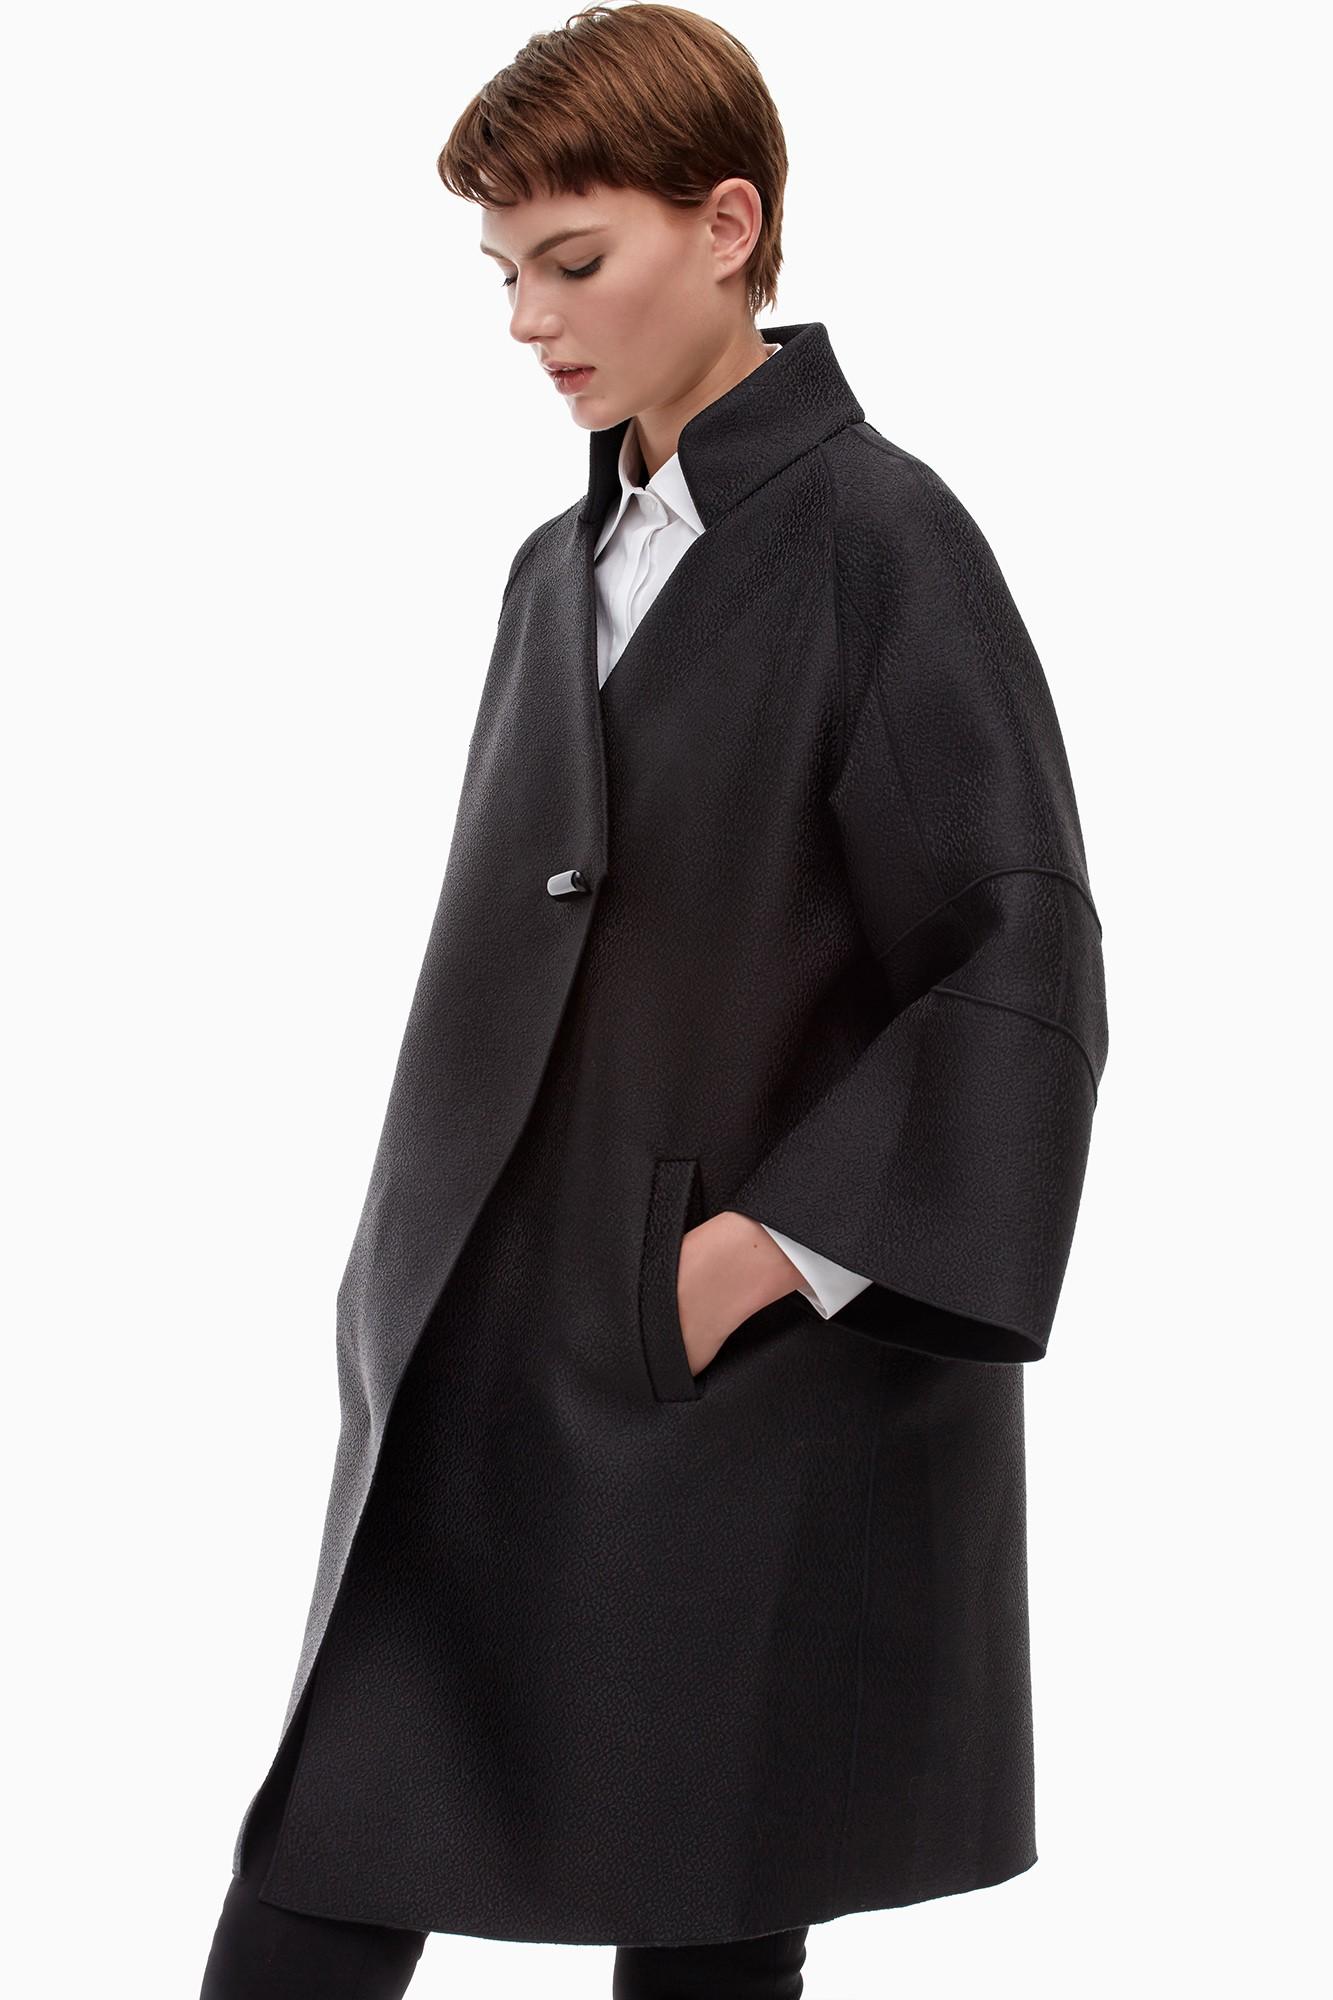 Adolfo dominguez abrigo de corte cocoon brocado for Adolfo dominguez el corte ingles abrigos